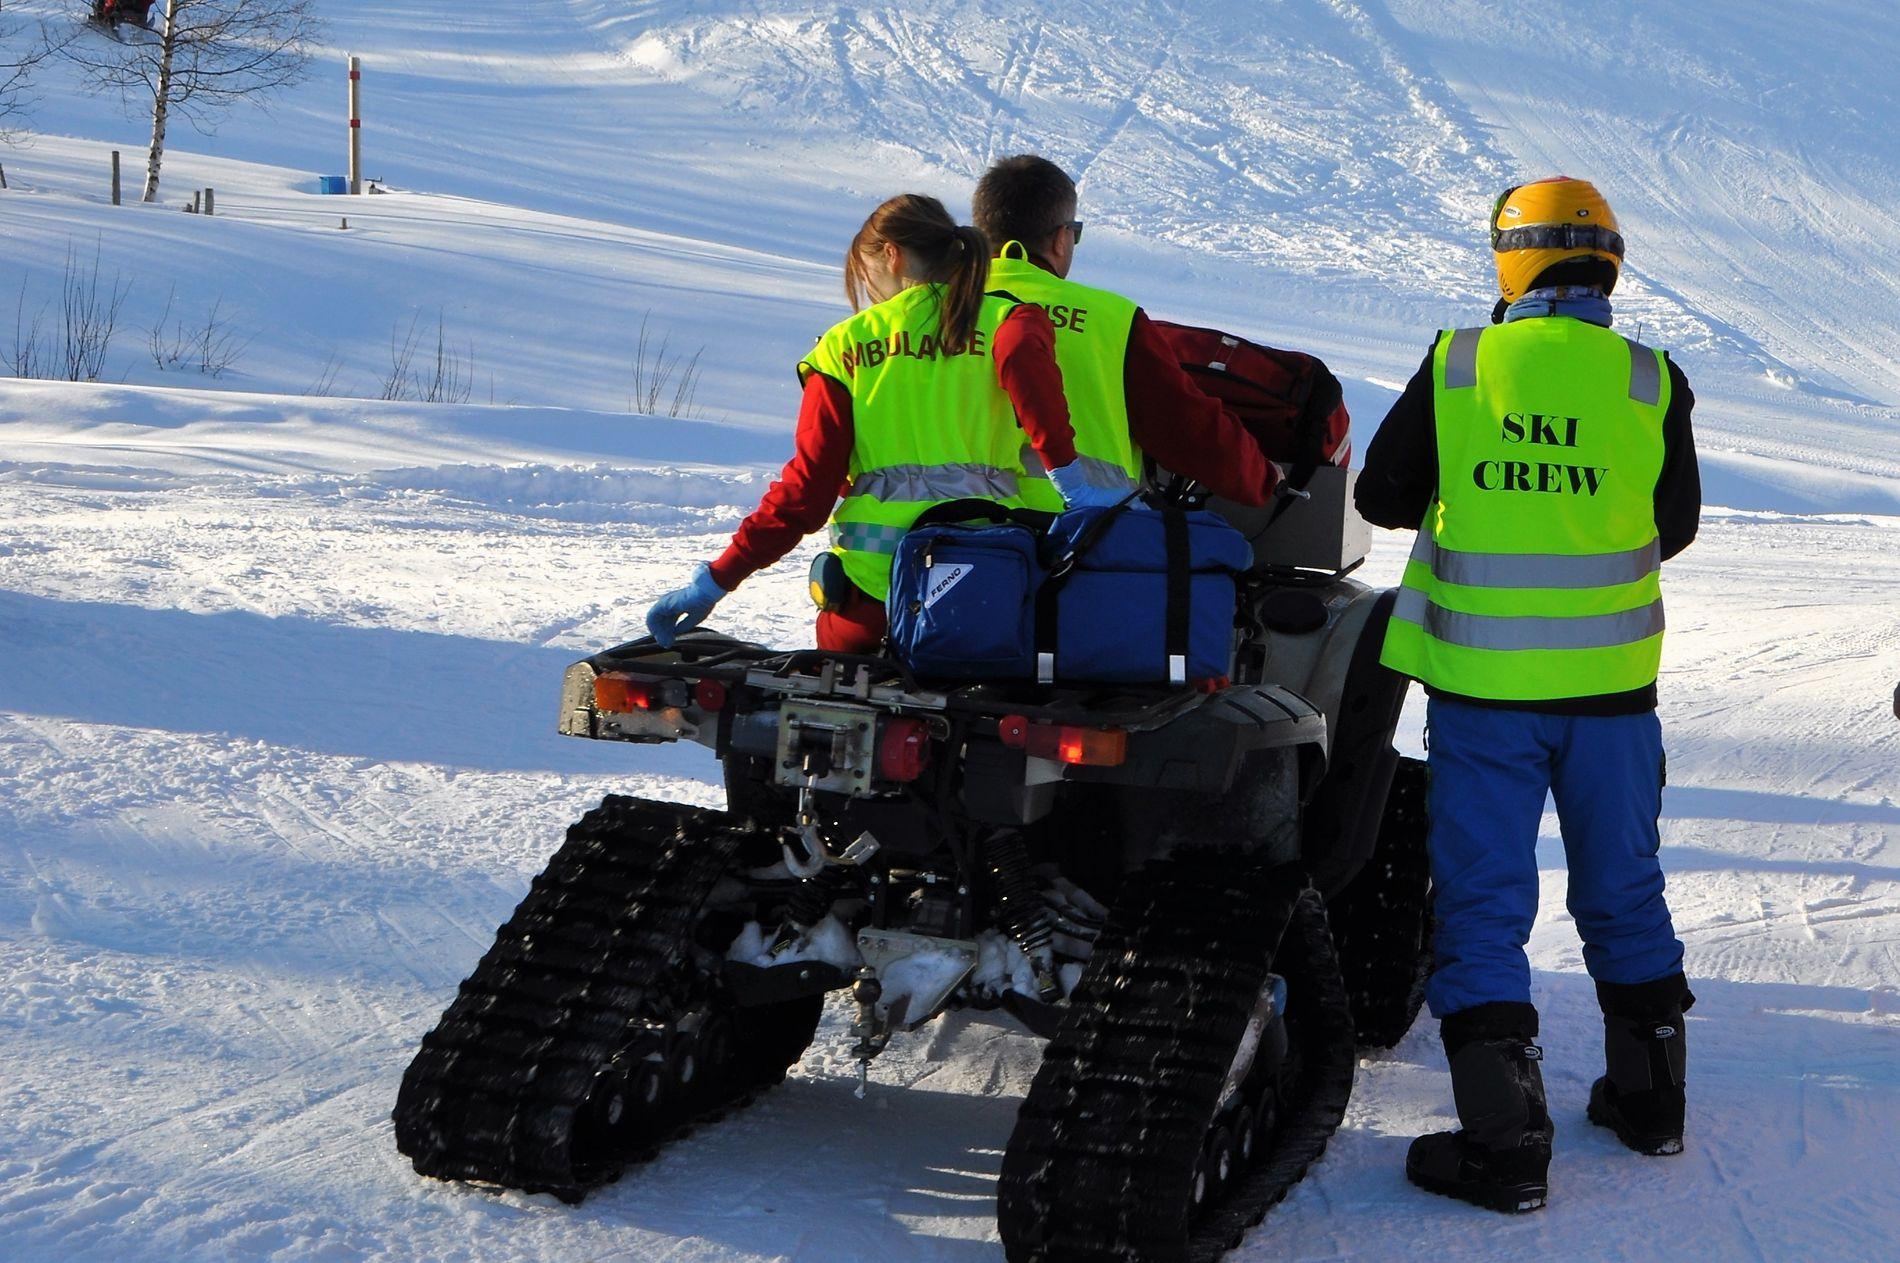 ULYKKE: Redningspersonell på vei mot ulykkesbakken i Vestvatn alpinanlegg.